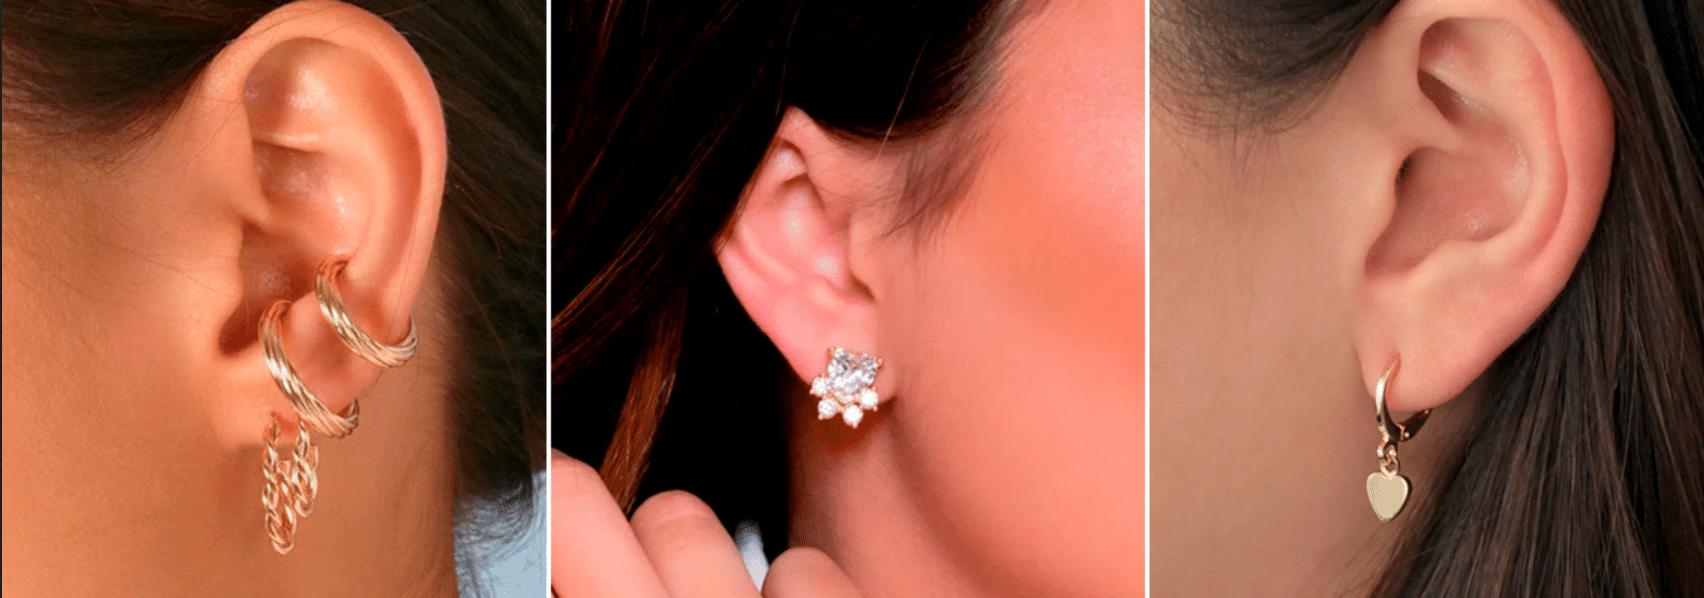 três fotos de uma mulher usando diferentes tipos de brincos pequenos em sua orelha